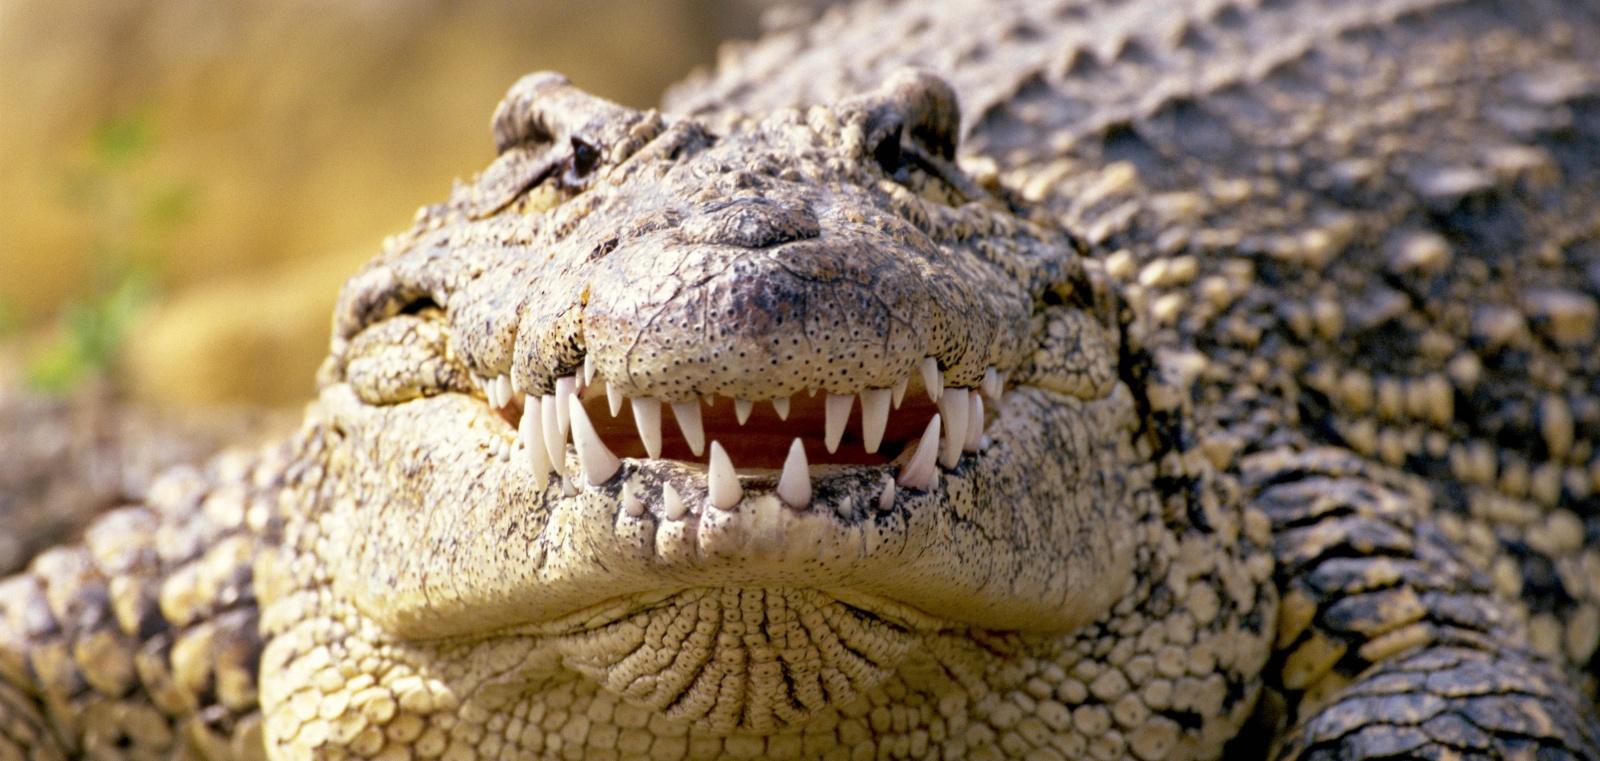 Зубная фея тут не работает: структура эмали зубов крокодилов и их доисторических предков - 1